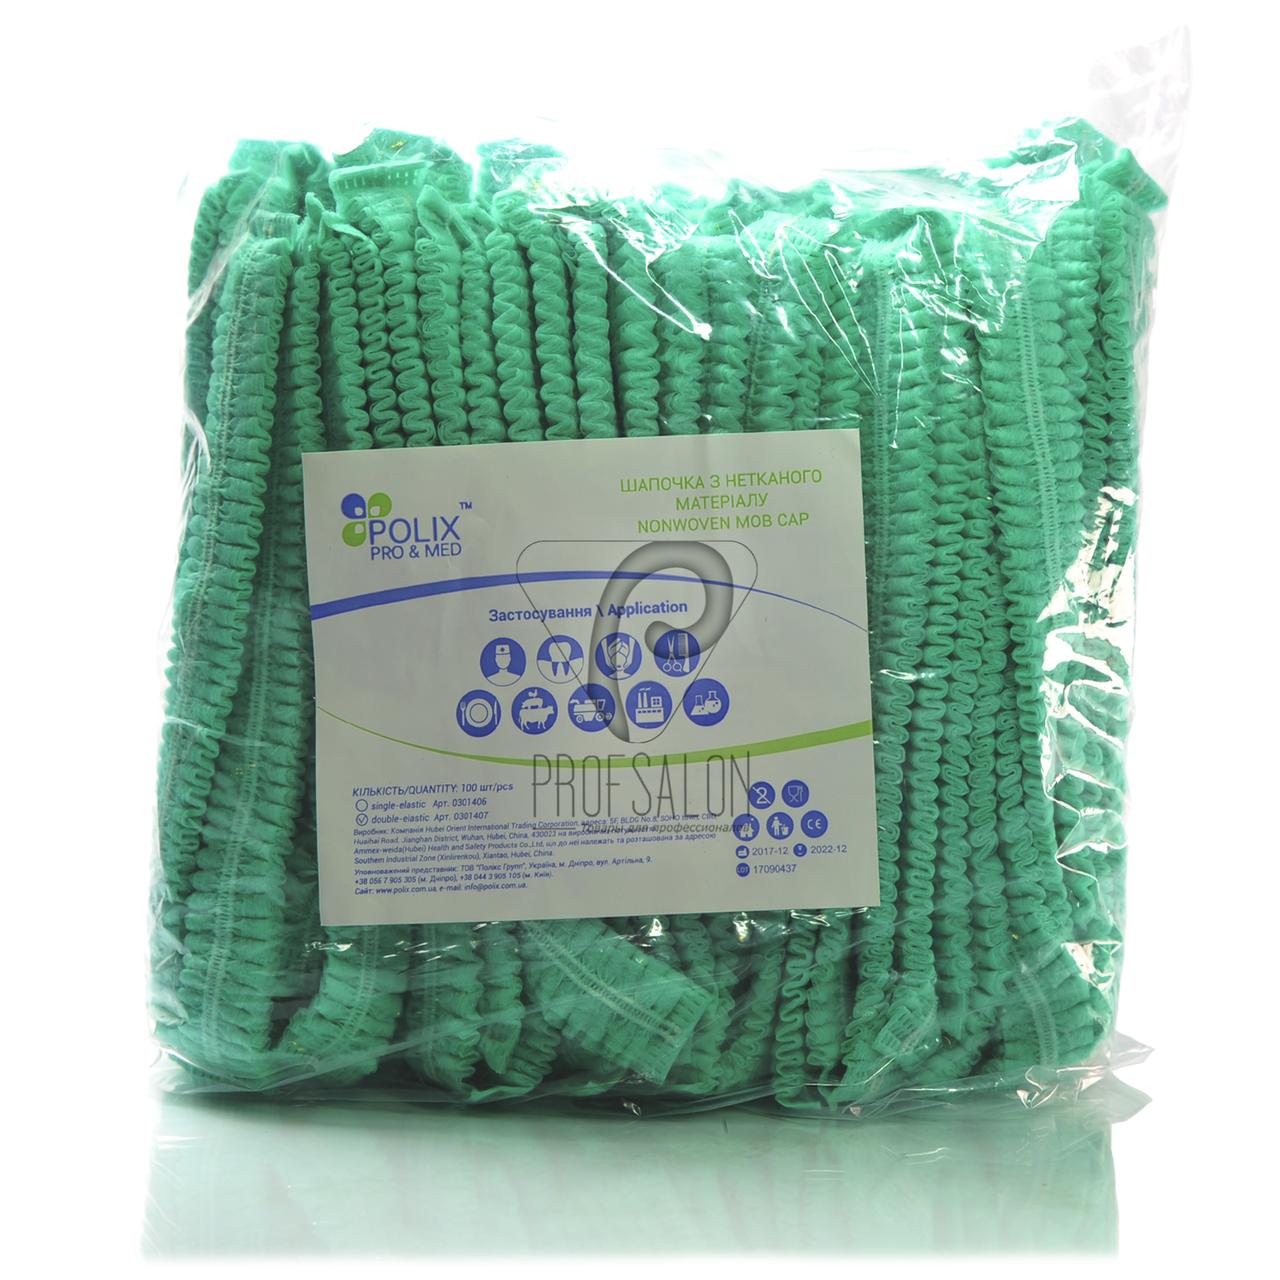 Одноразовые шапочки, шарлотки, на одной резинке Polix 100 шт, зеленые